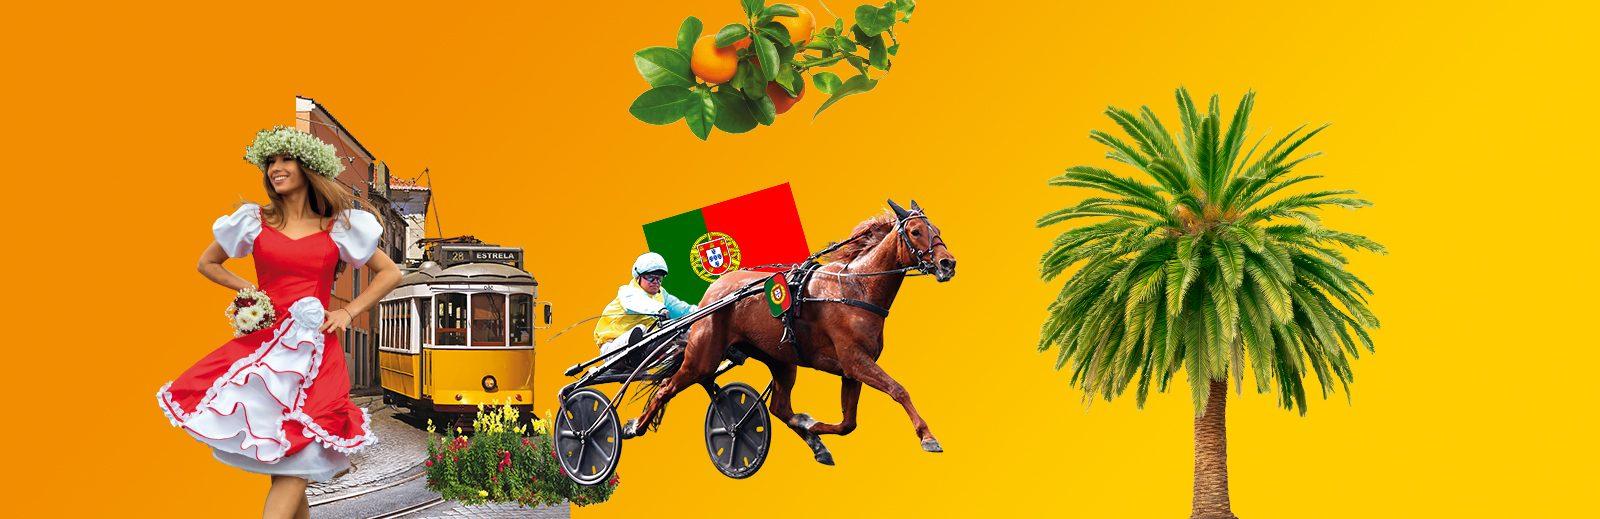 Fête À L'Hippodrome 100% Portugal Dimanche 29 Septembre intérieur Invitation Hippodrome Vincennes